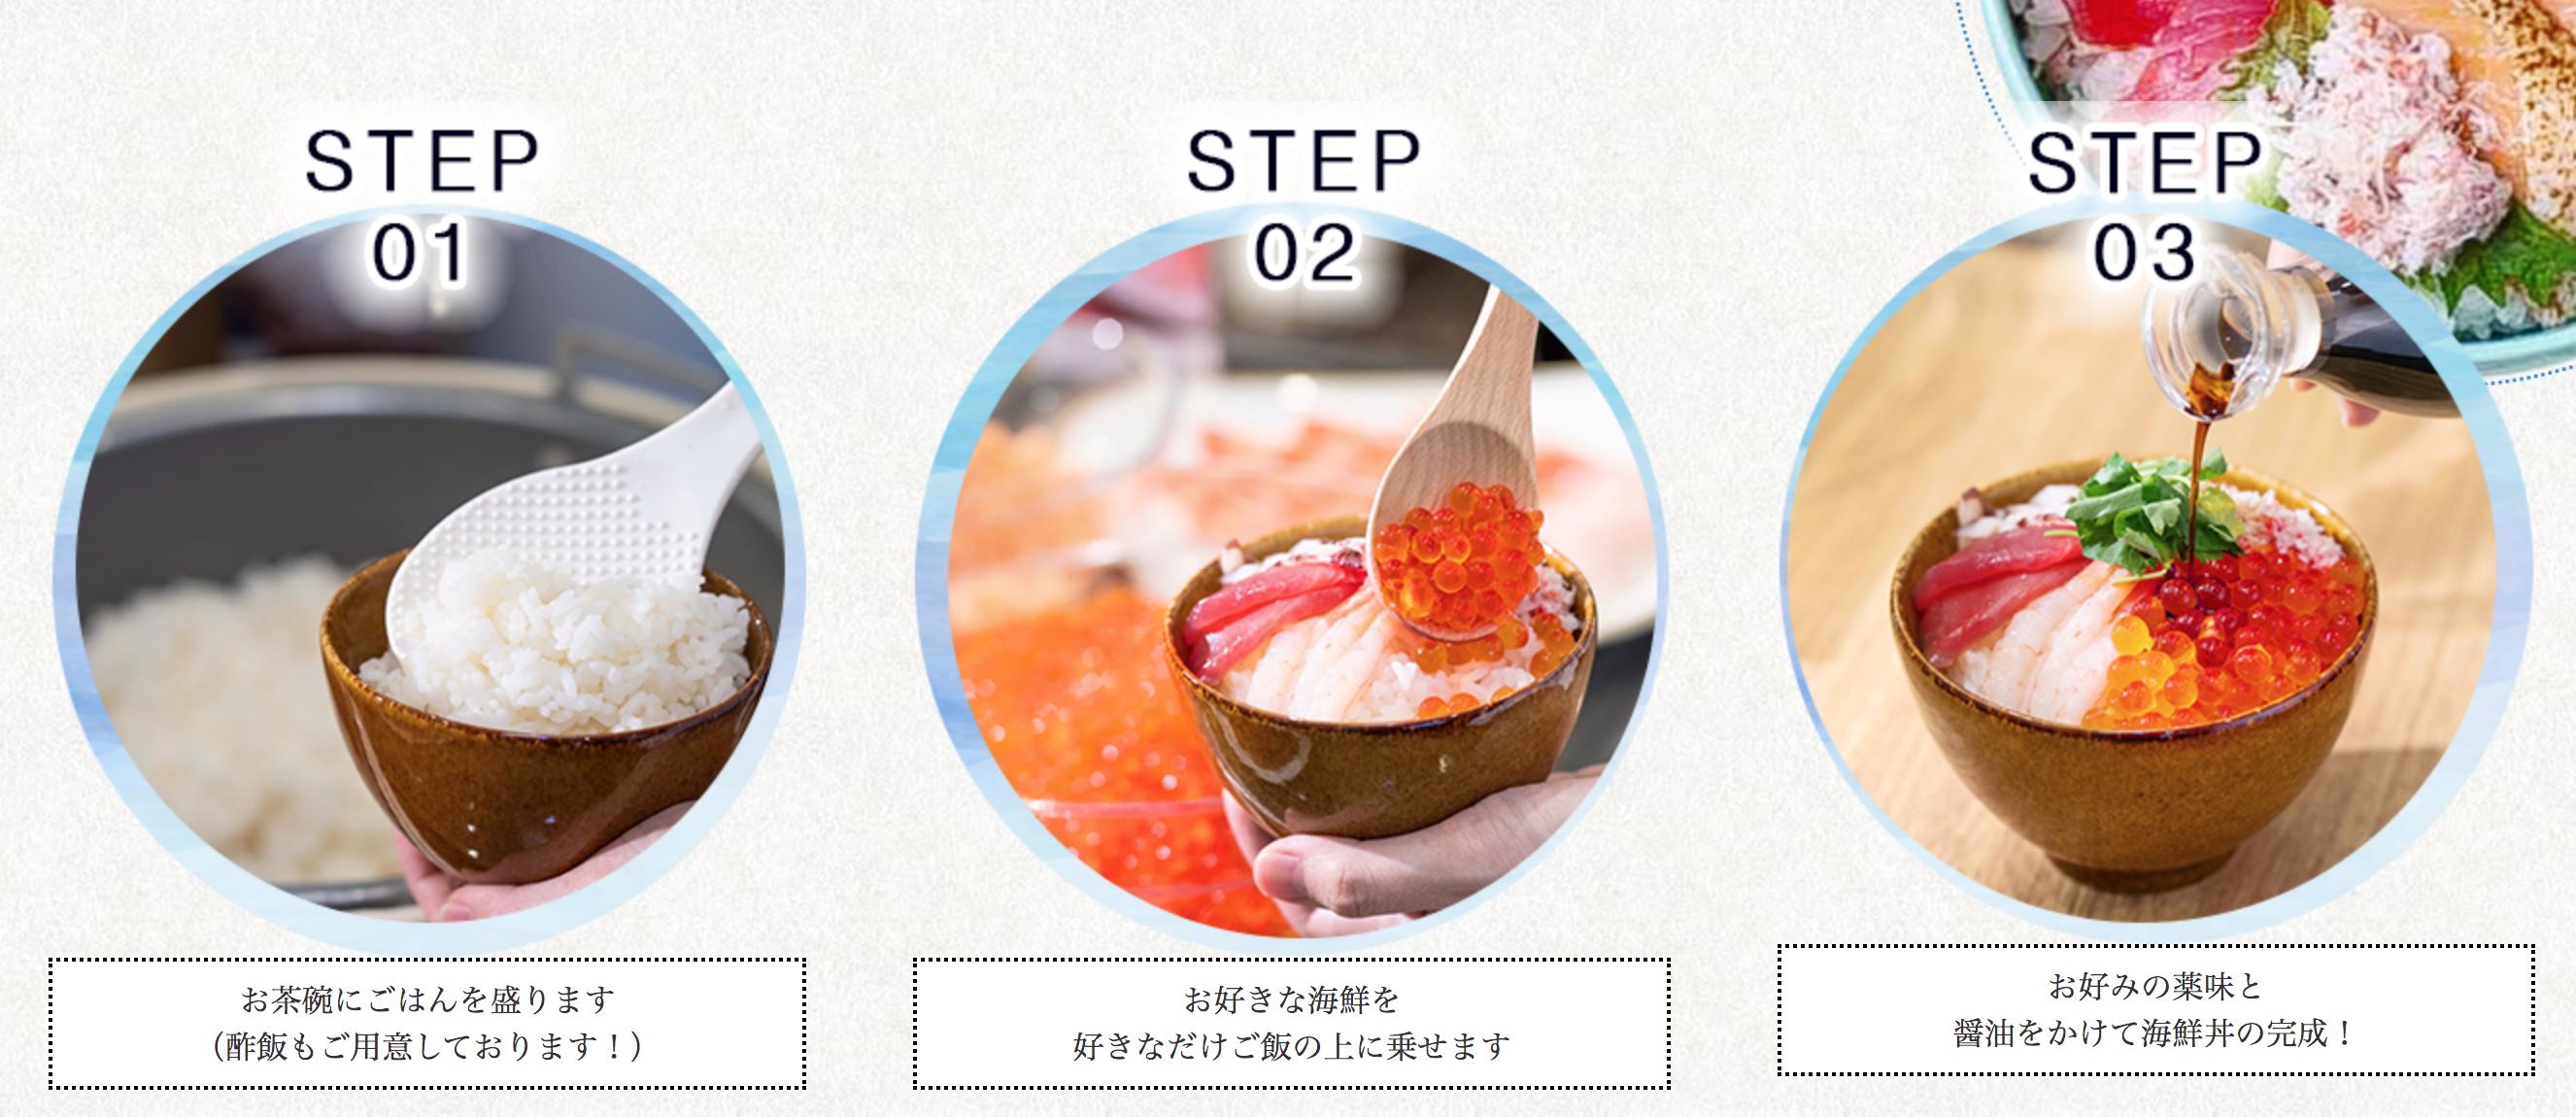 海鮮丼作り方